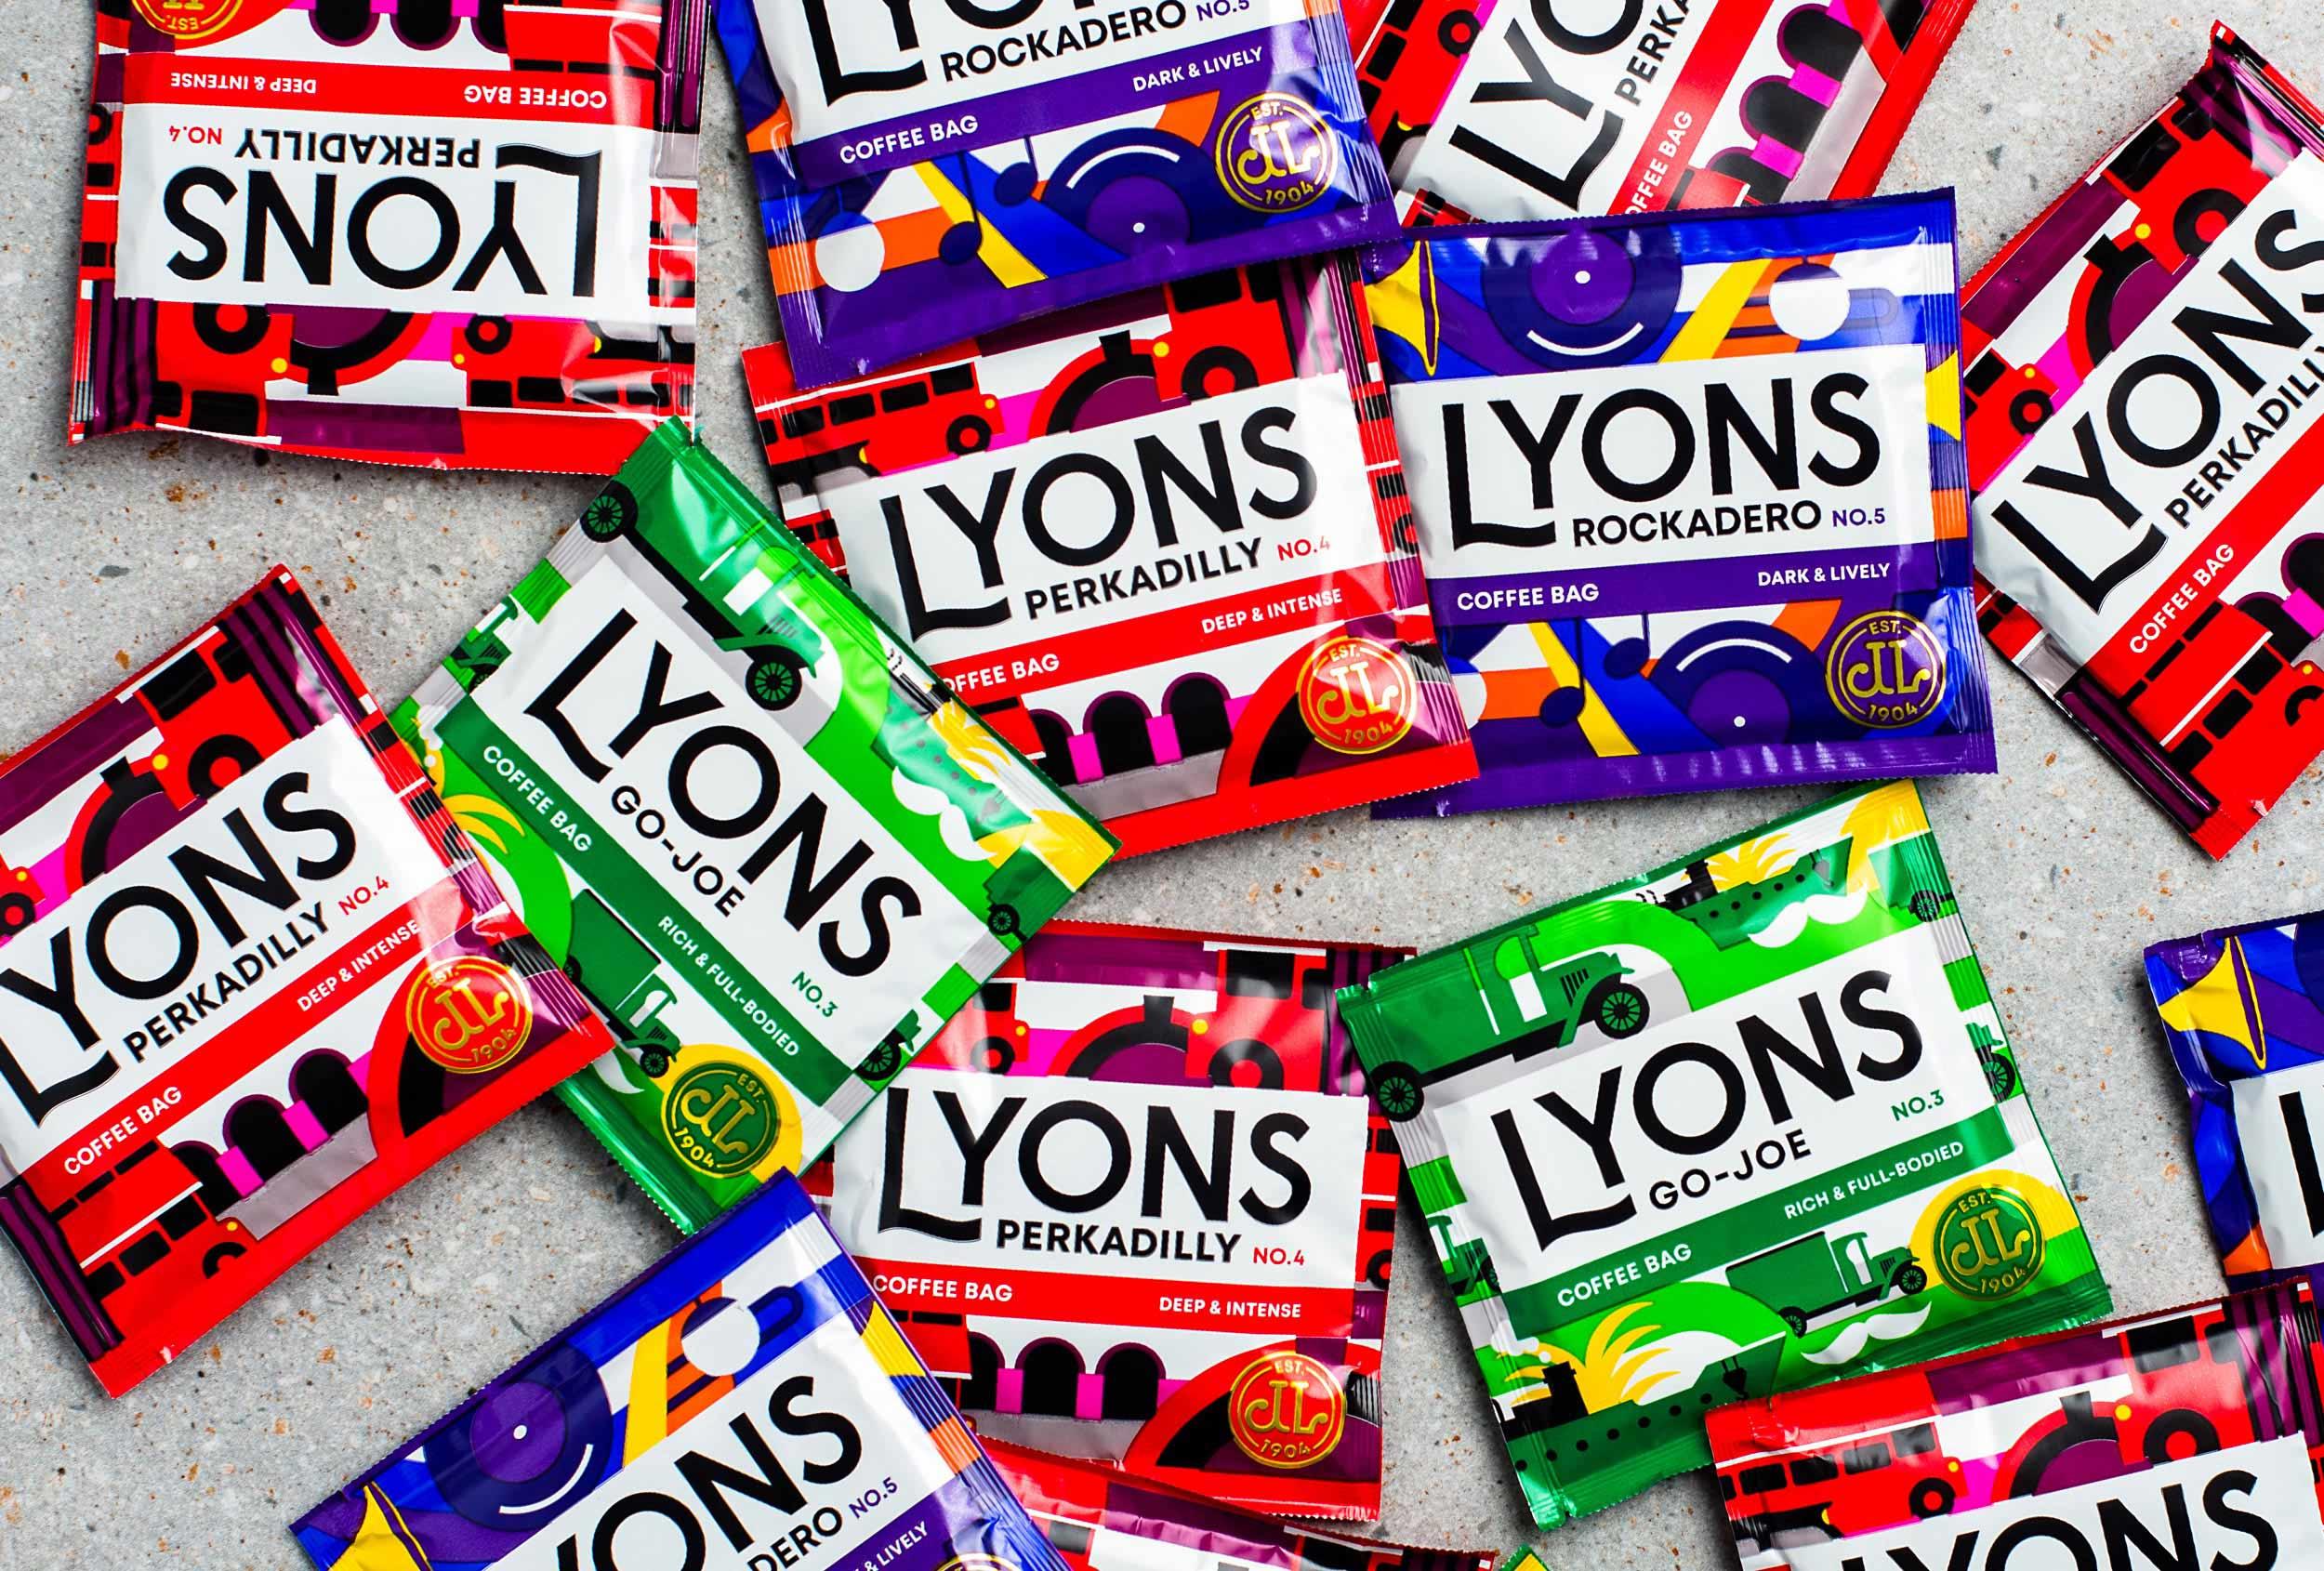 Lyons coffee bags - branding by Distil Studio.